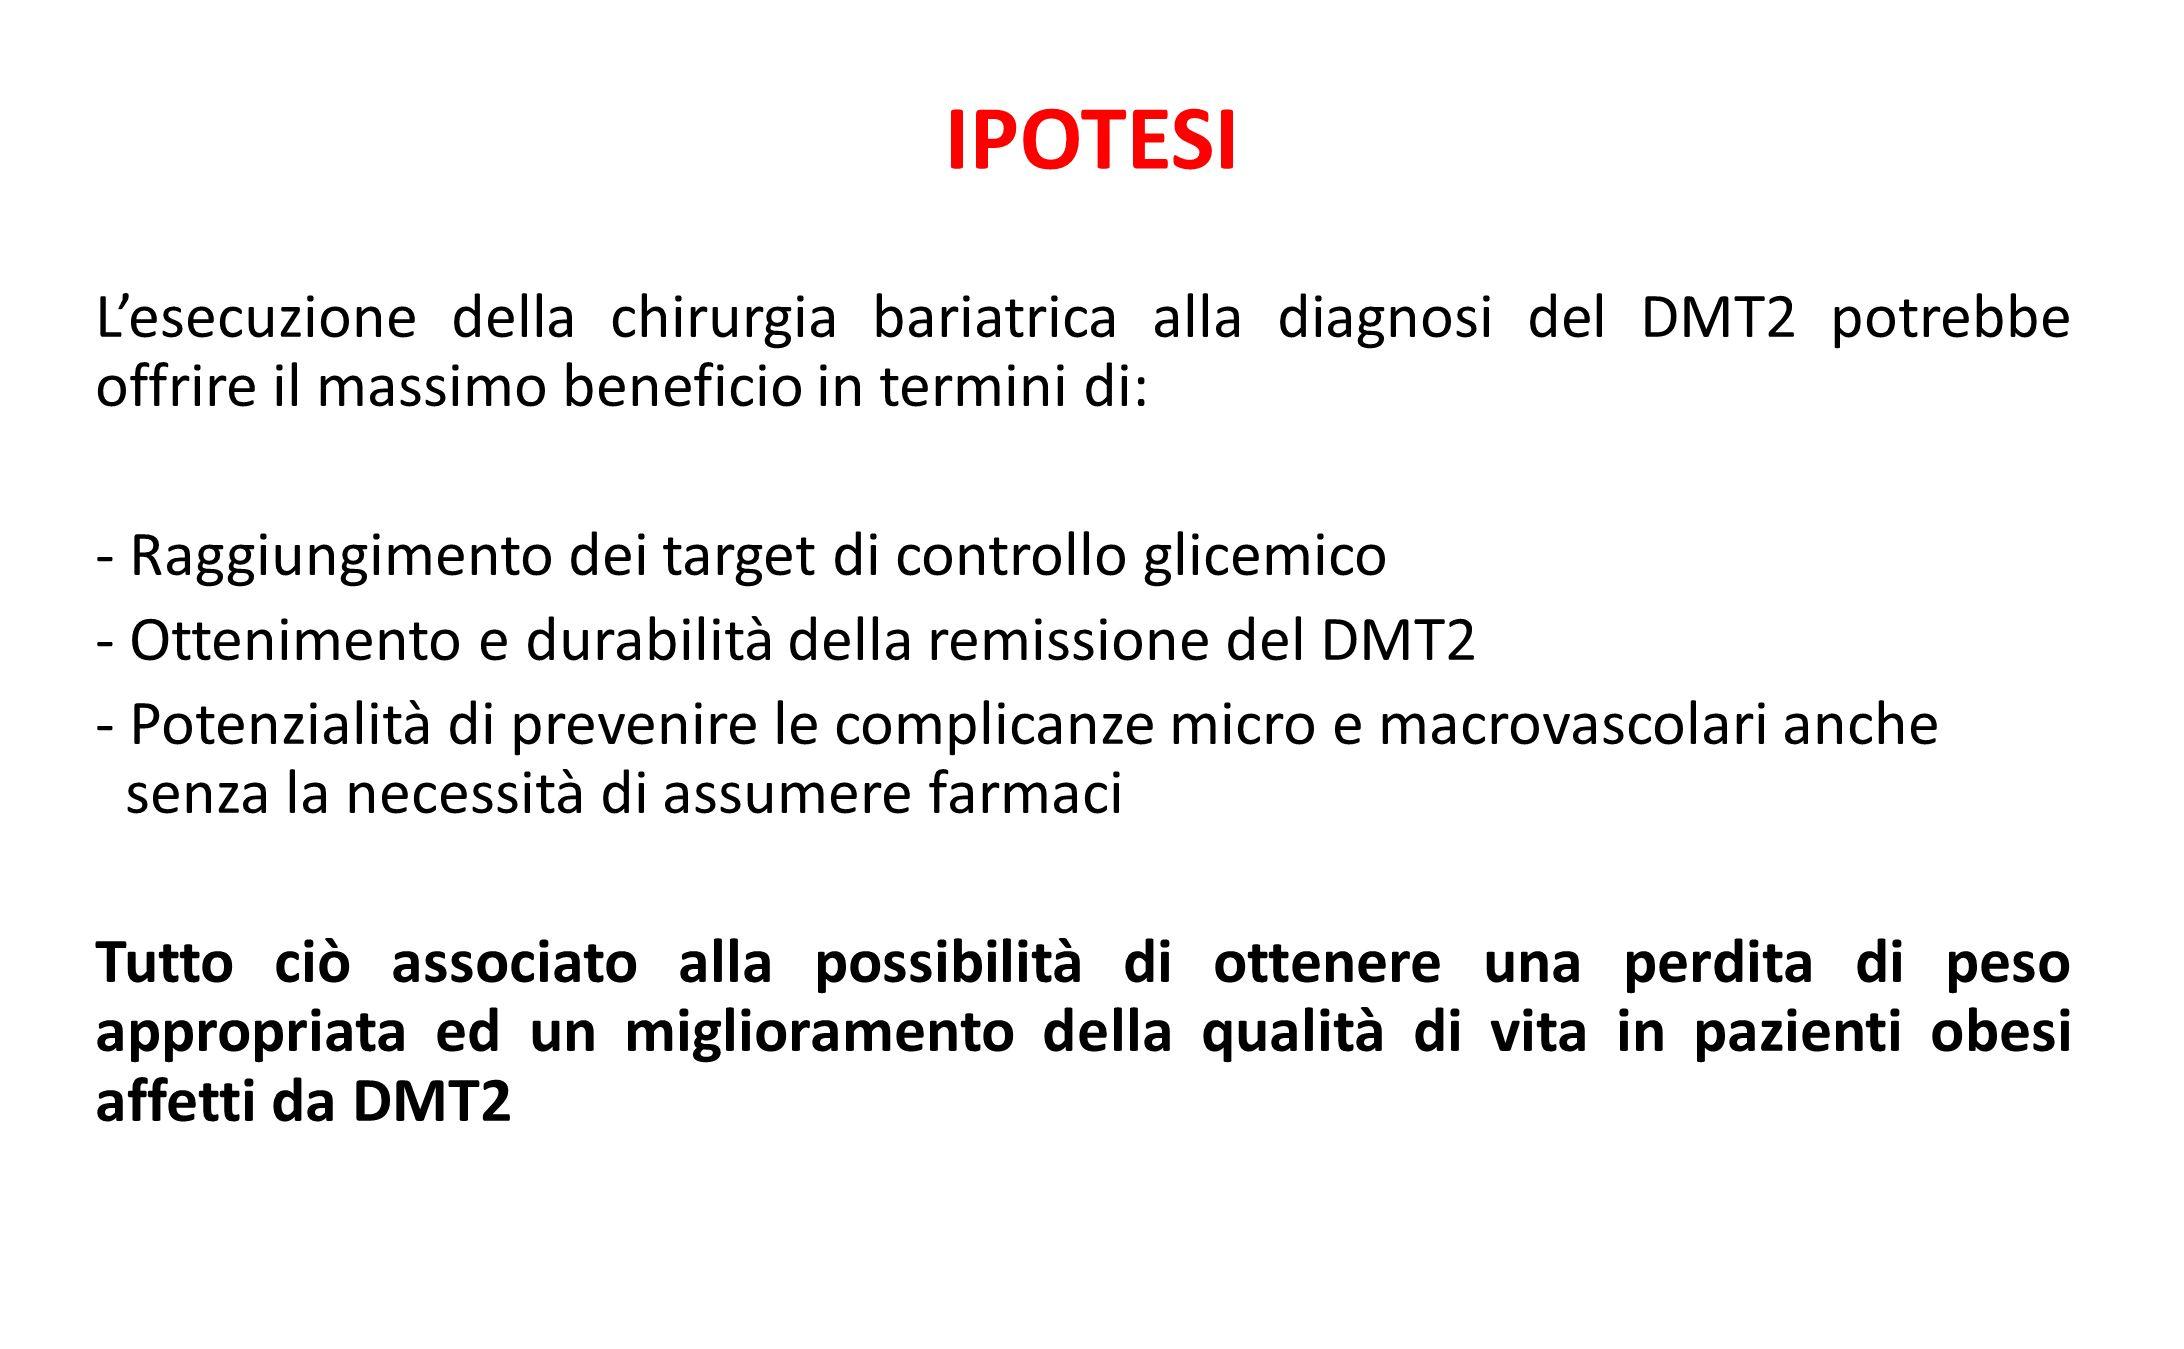 IPOTESI L'esecuzione della chirurgia bariatrica alla diagnosi del DMT2 potrebbe offrire il massimo beneficio in termini di: - Raggiungimento dei targe